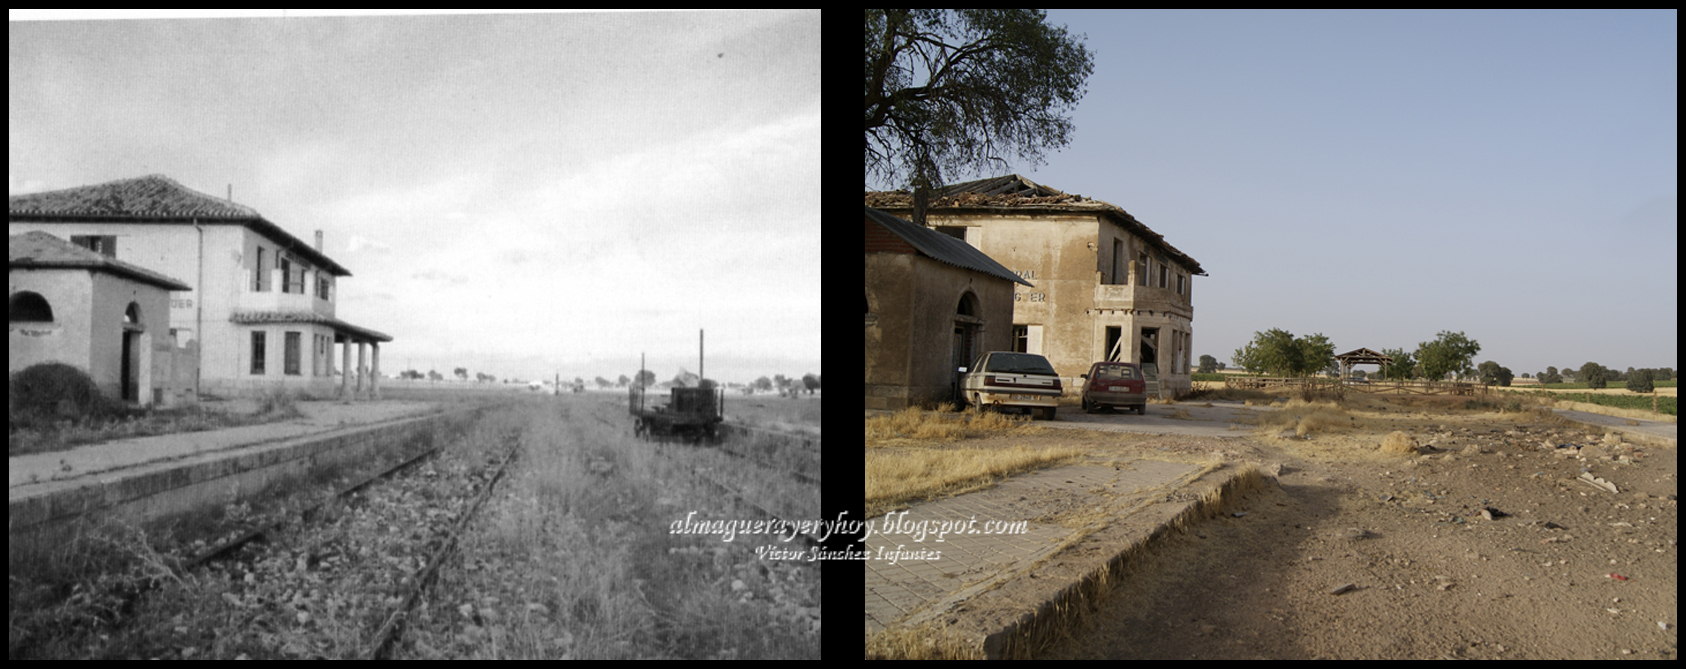 Estación de tren. Años 80 - 2012